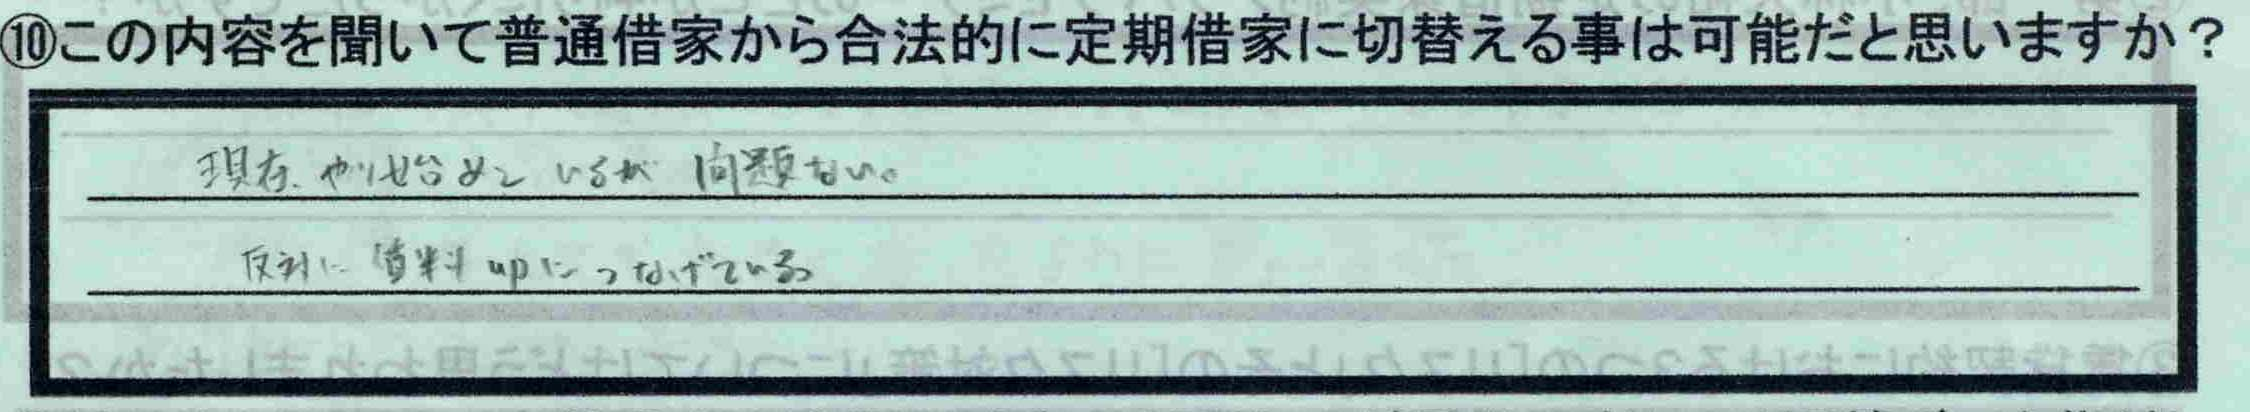 【静岡県浜松市】【I.Yさん】【切替可能か?】